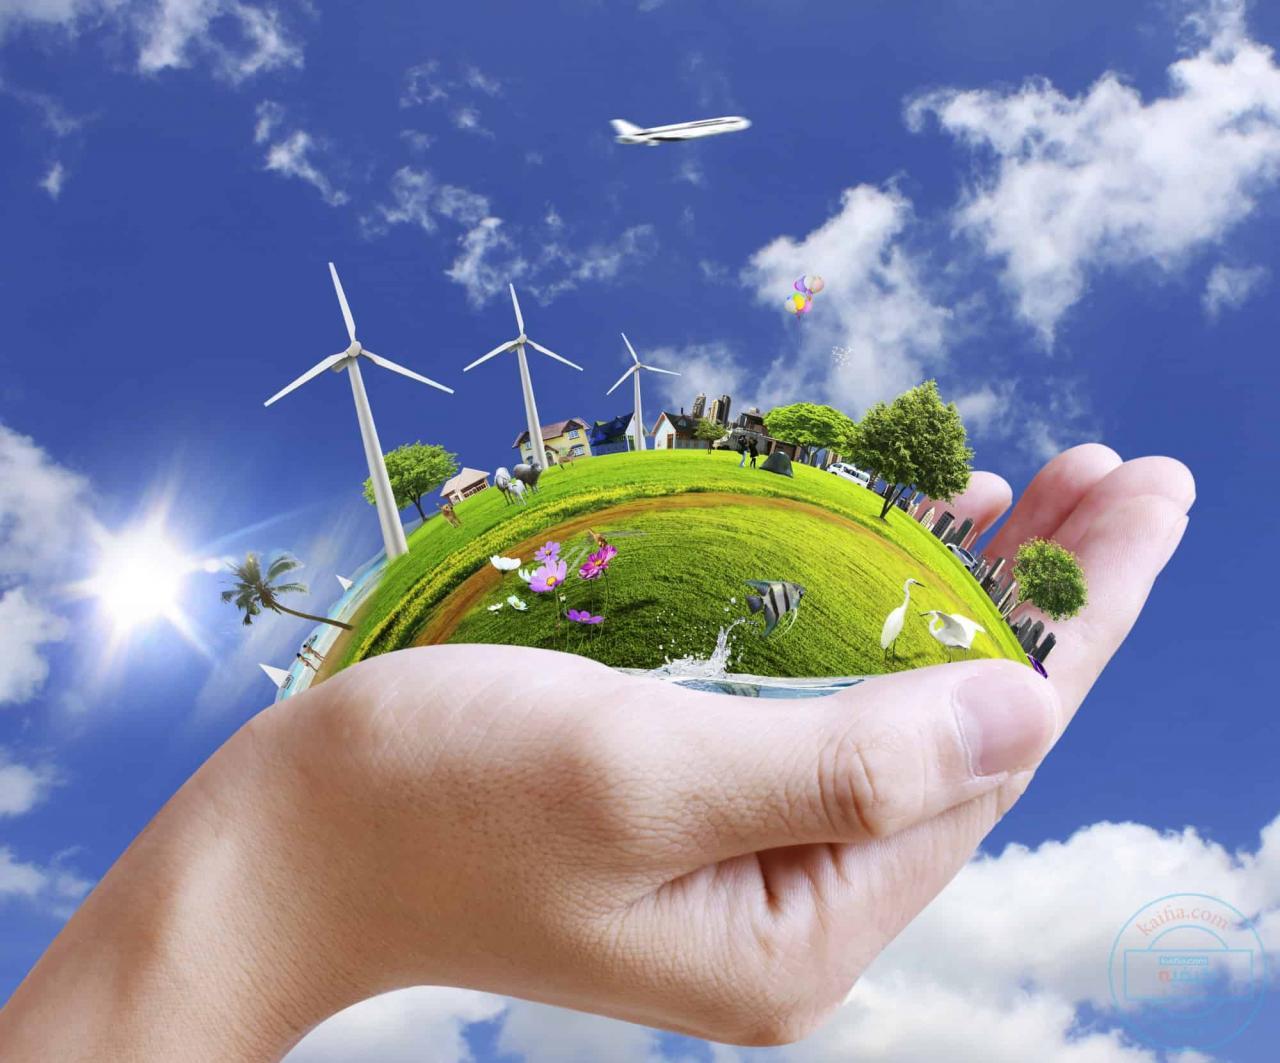 صورة بحث حول تلوث البيئة , القضاء على تلوث البيئة